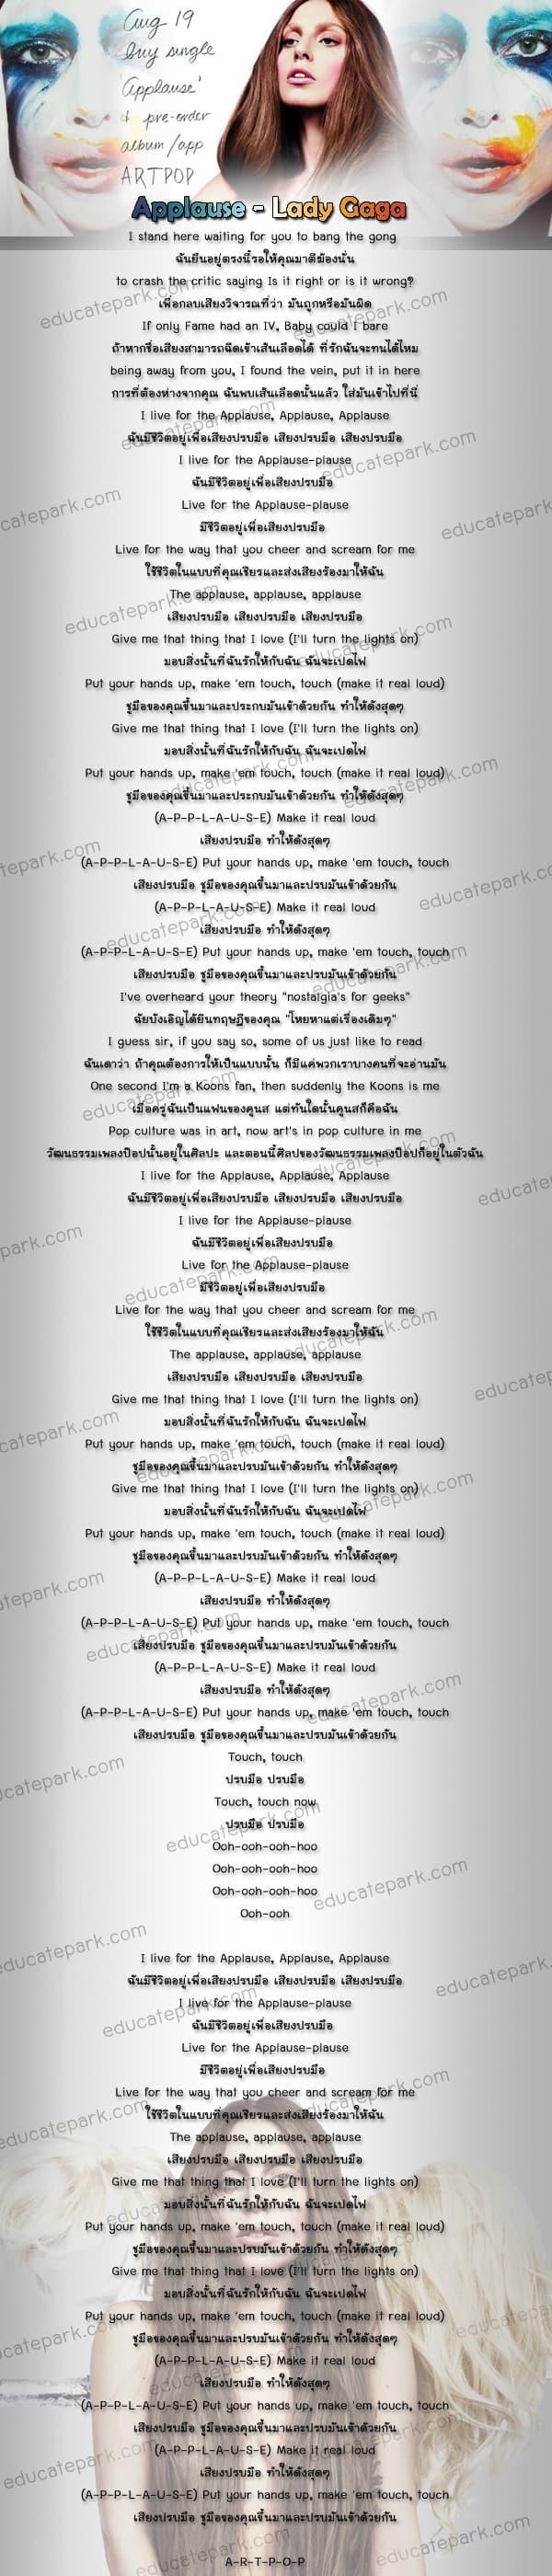 แปลเพลง Applause - Lady Gaga